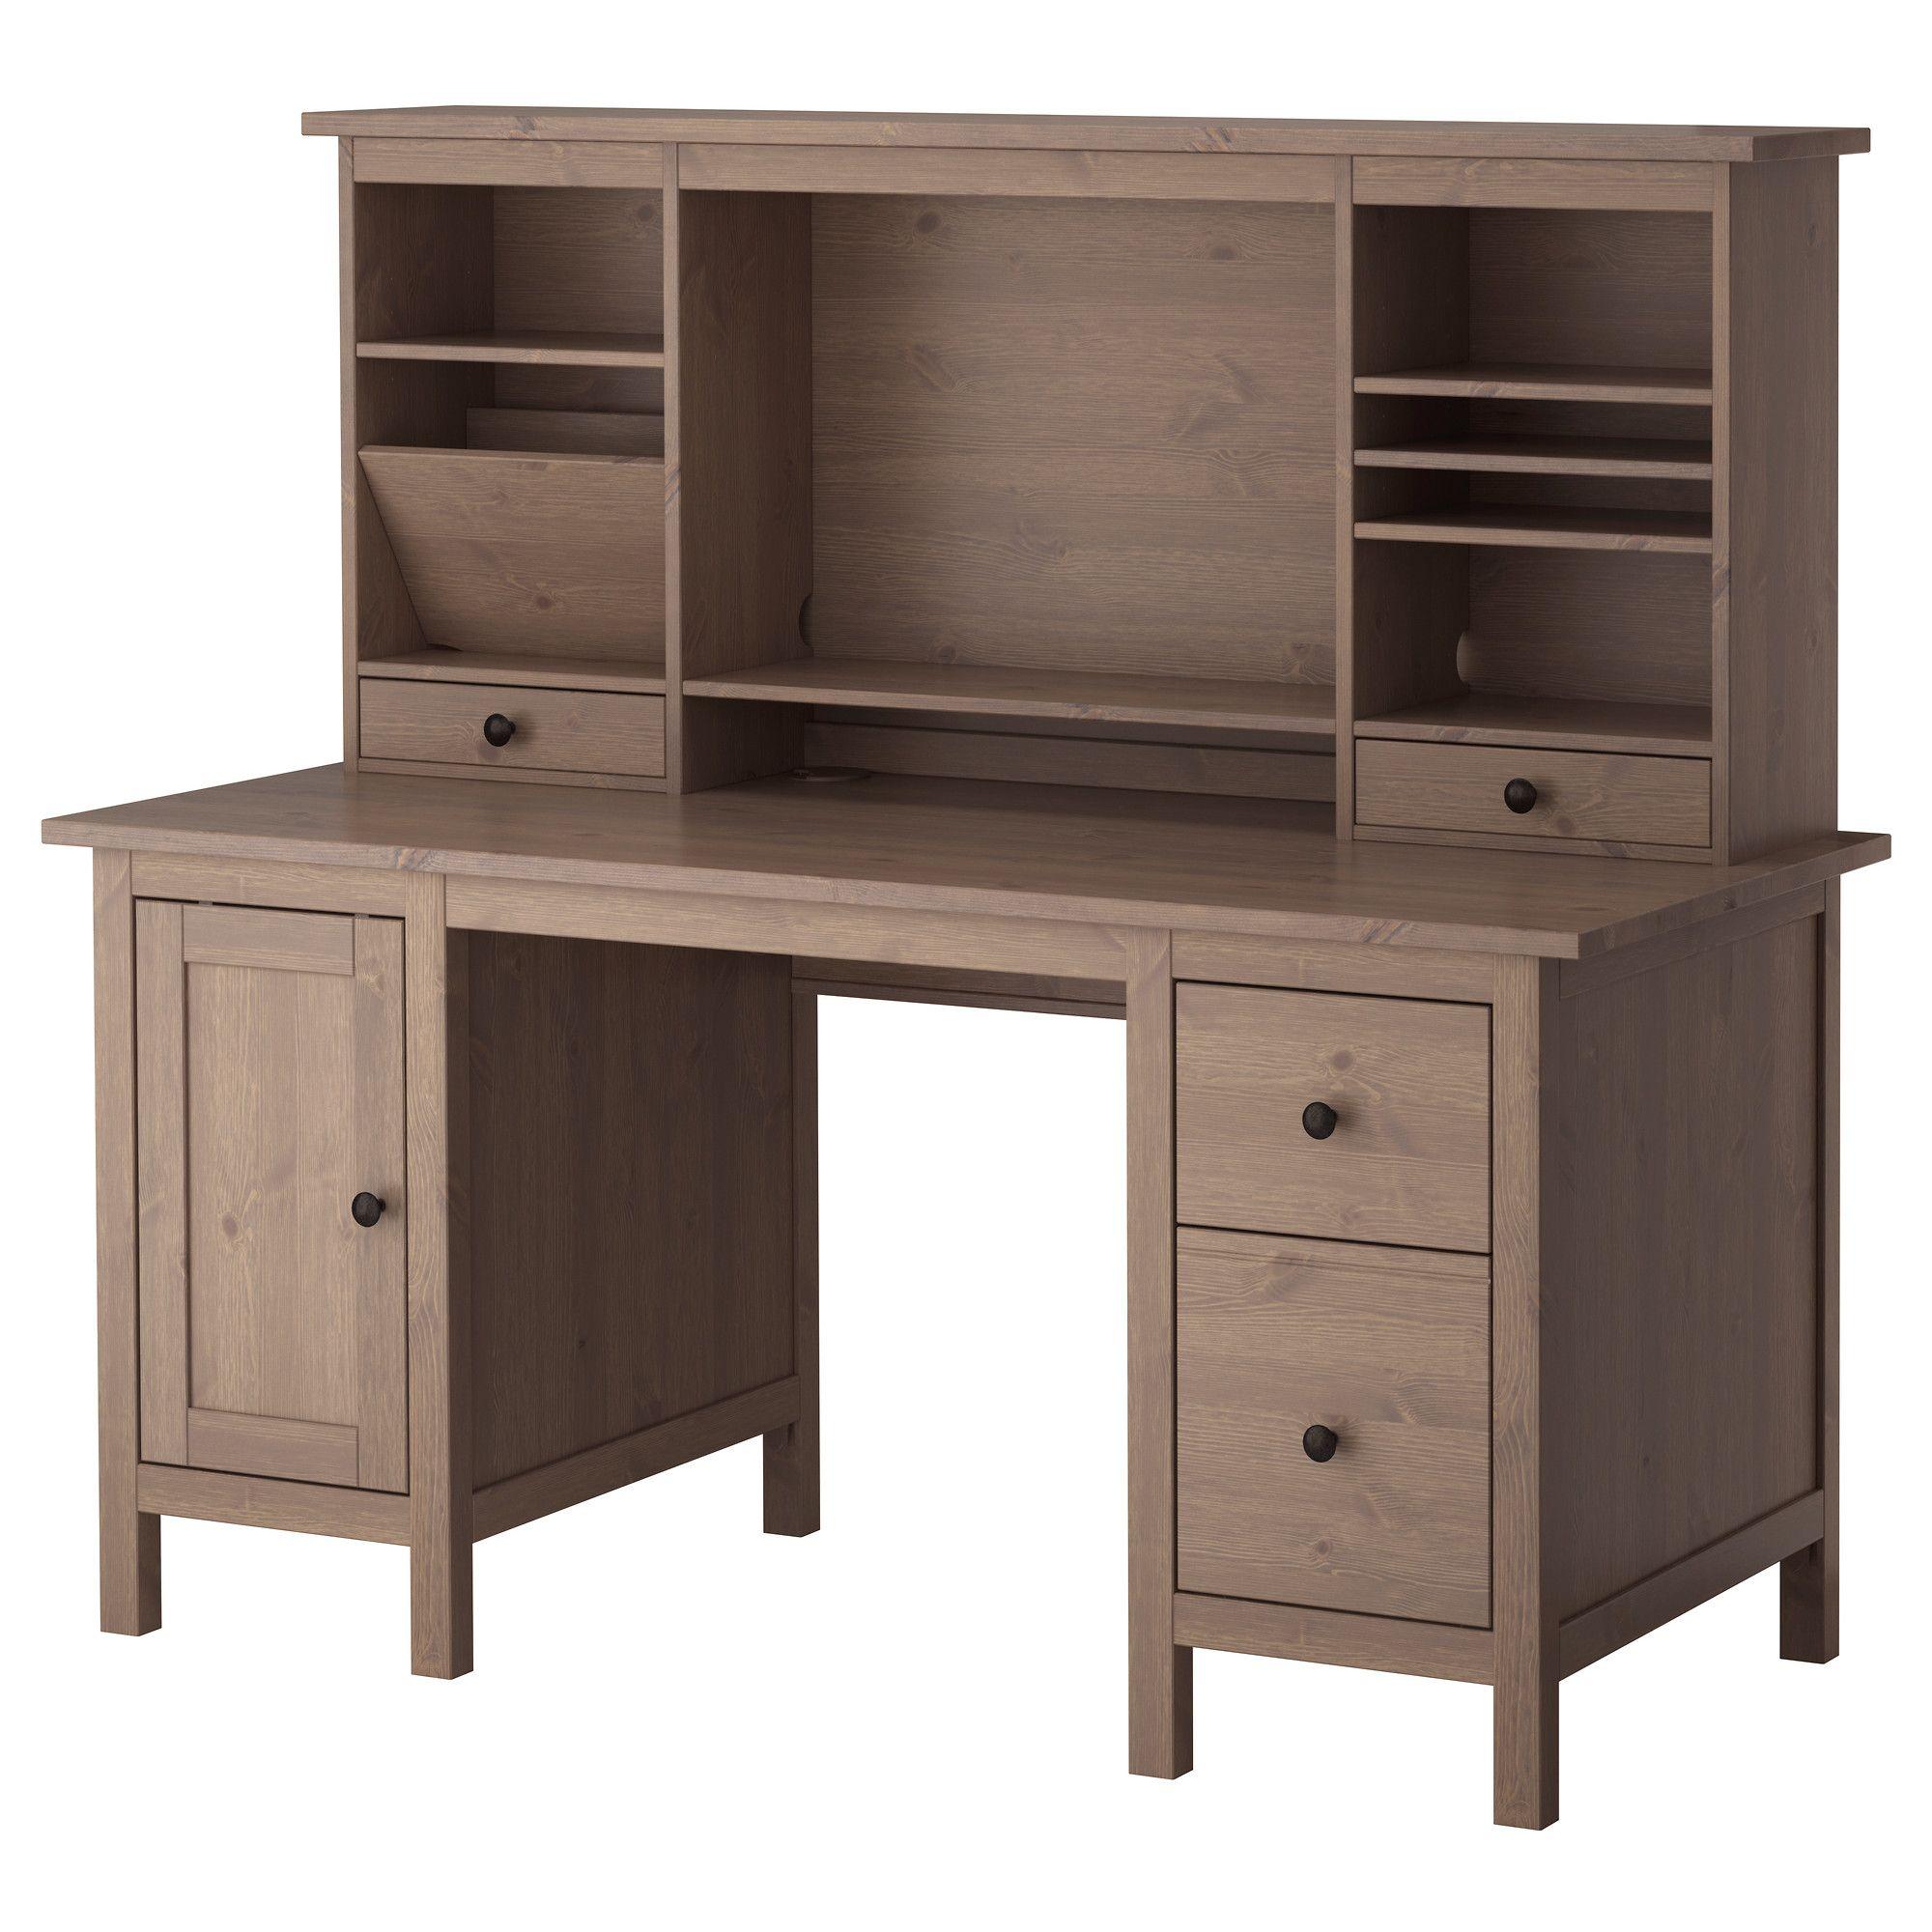 HEMNES Desk with addon unit, white stain HEMNES, Desks